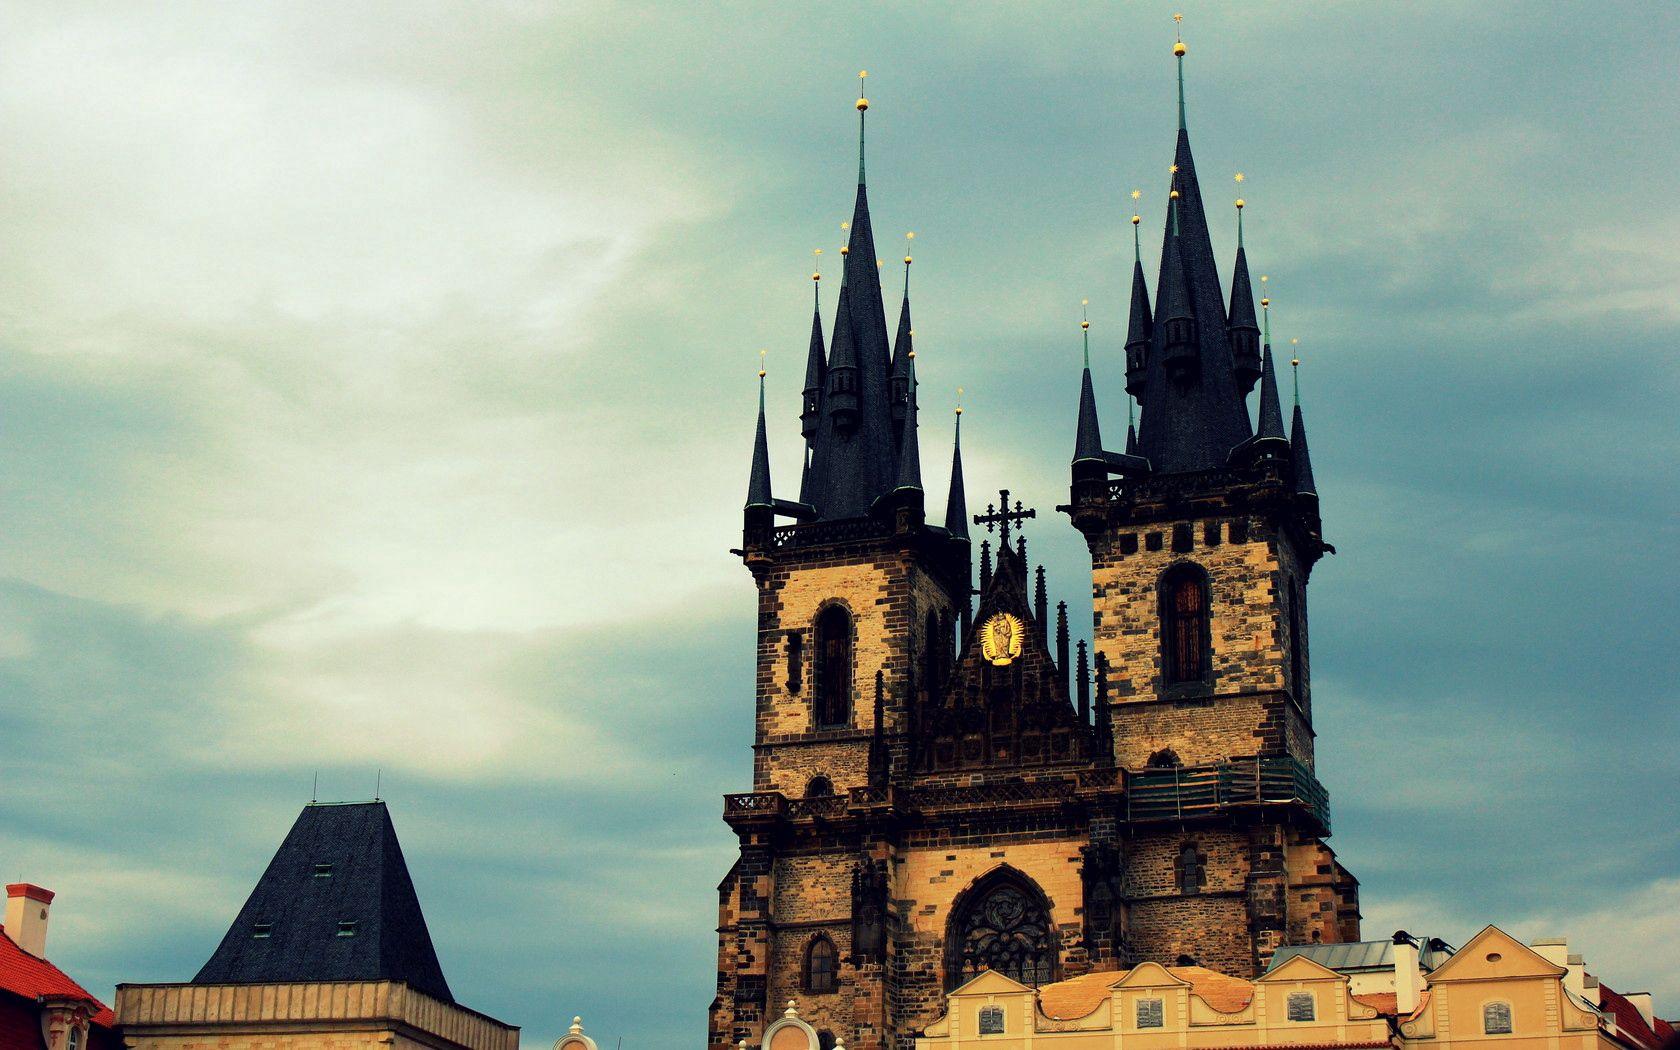 76197 Hintergrundbild herunterladen Städte, Sky, Gothic, Stadt, Gebäude, Prag, Gotisch, Tschechien - Bildschirmschoner und Bilder kostenlos